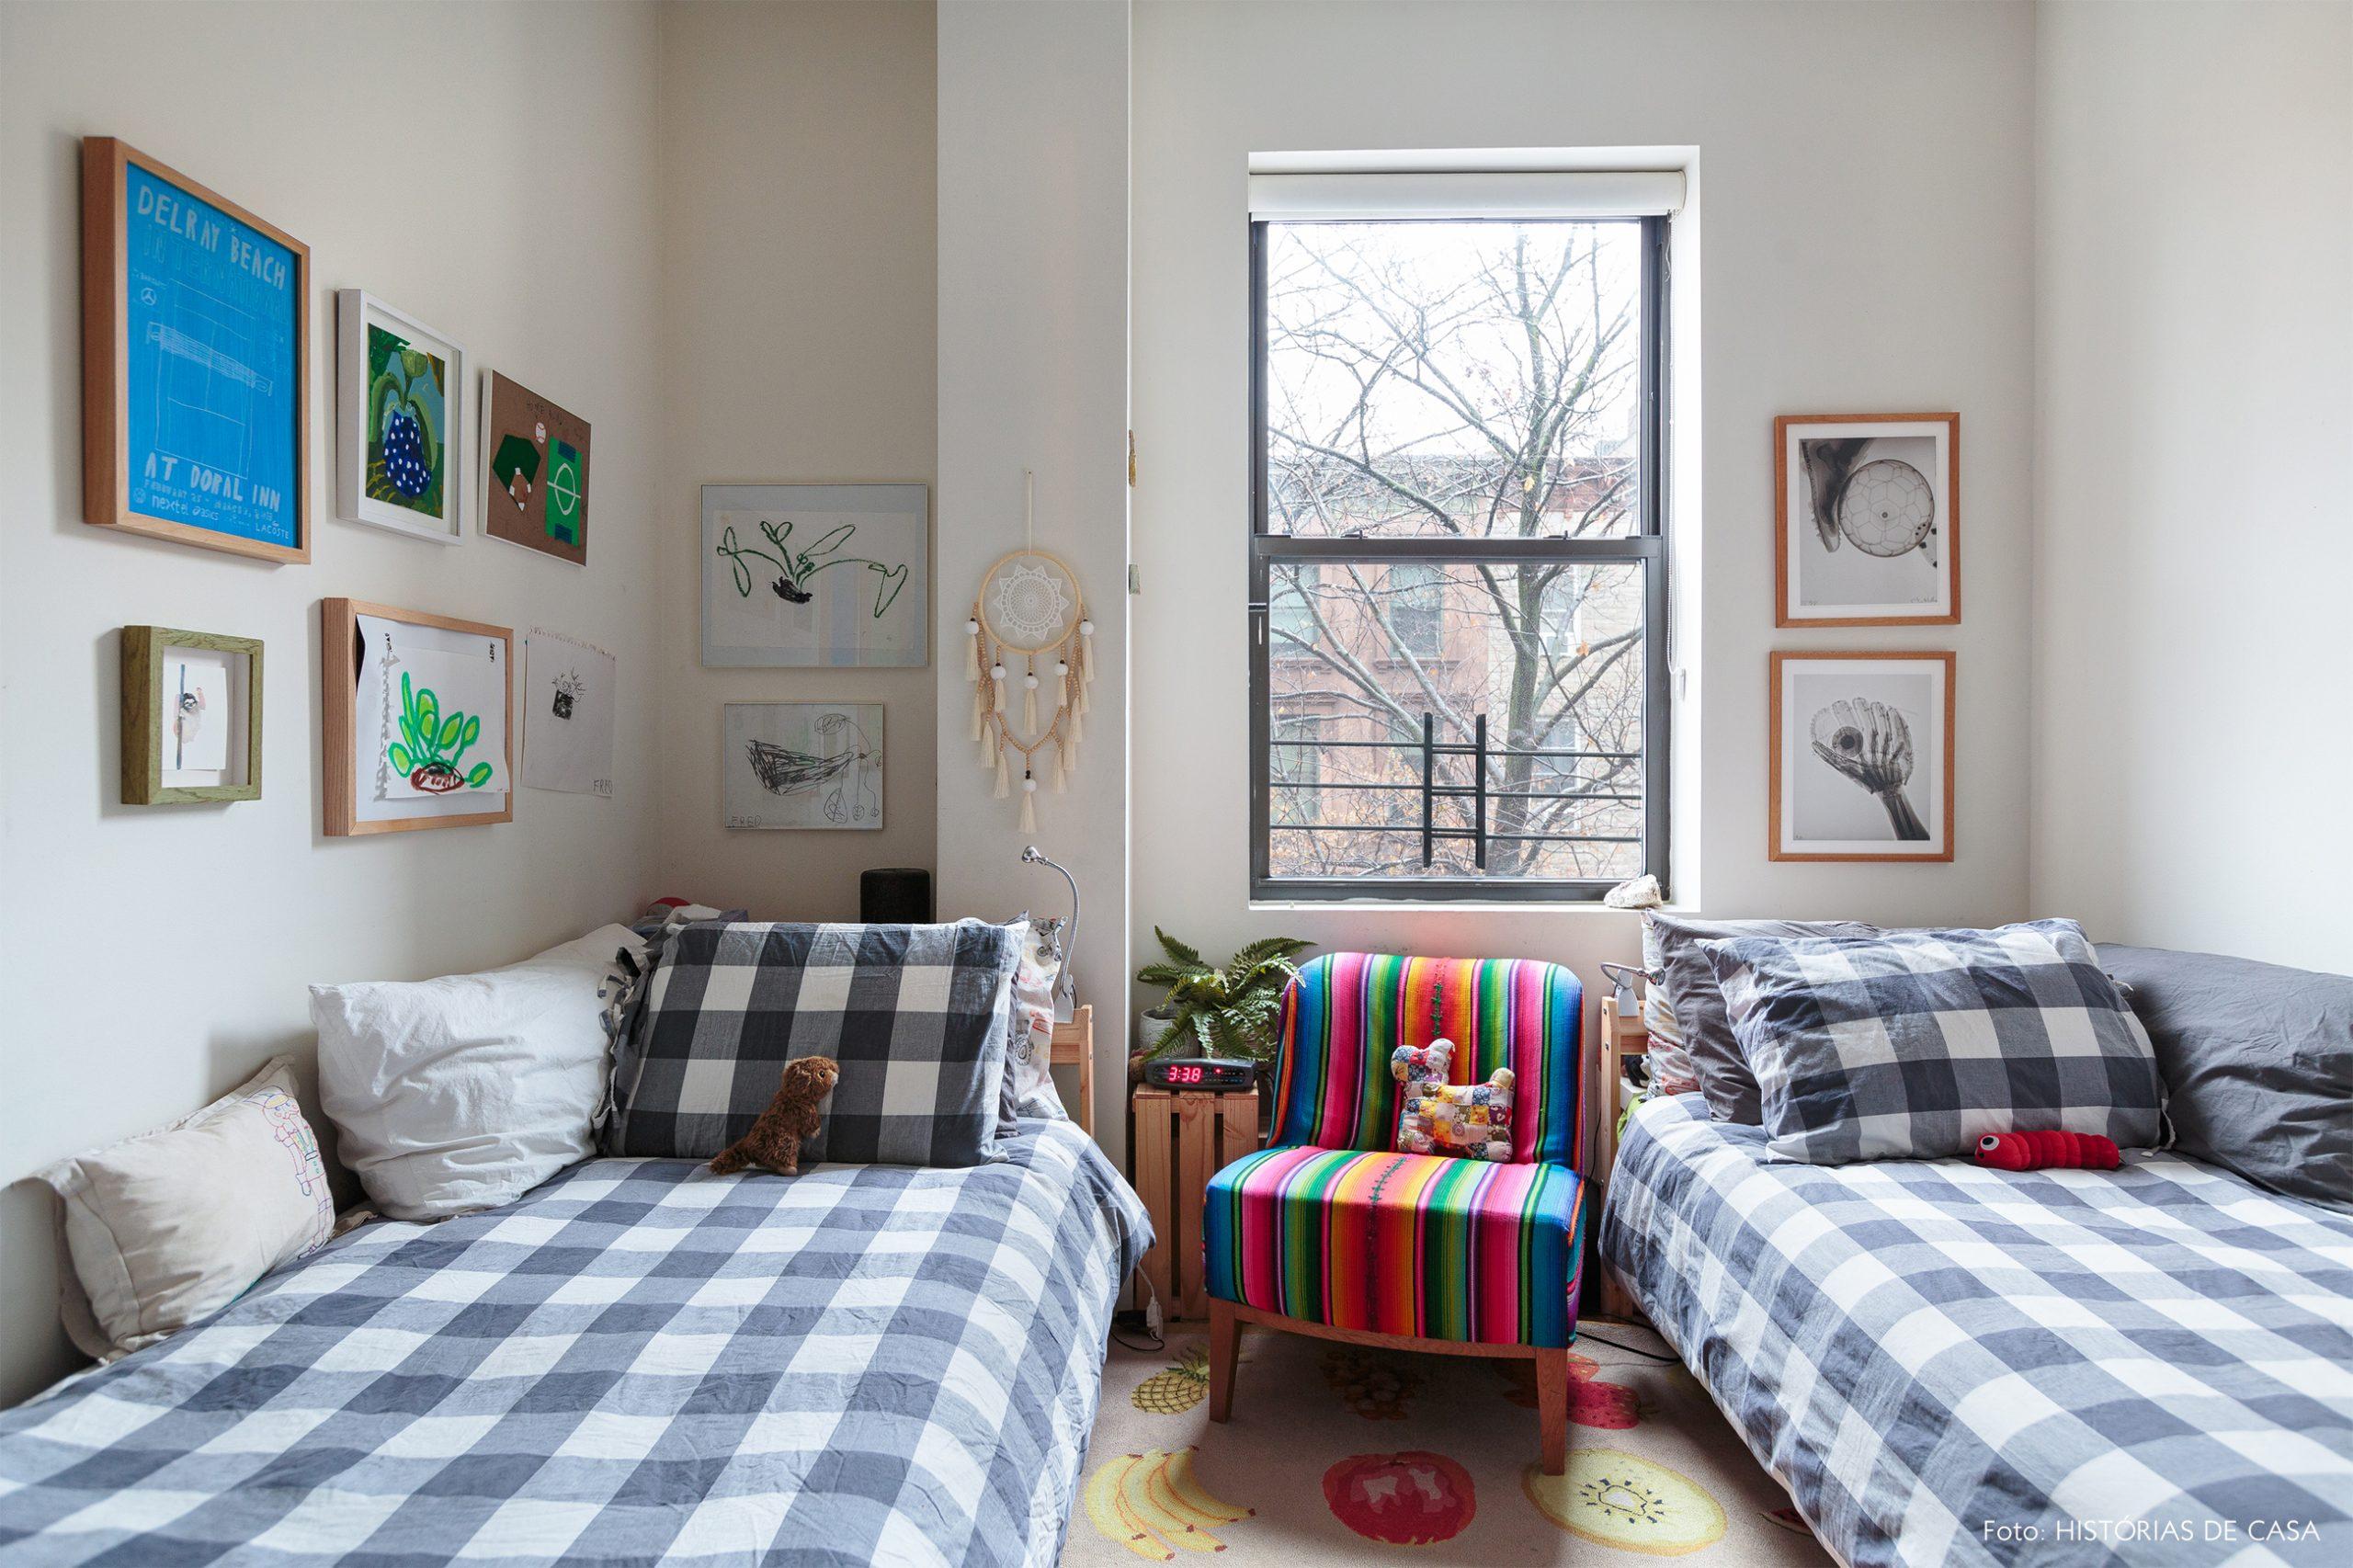 ap decoração quarto infantil com muitos quadros e poltrona colorida